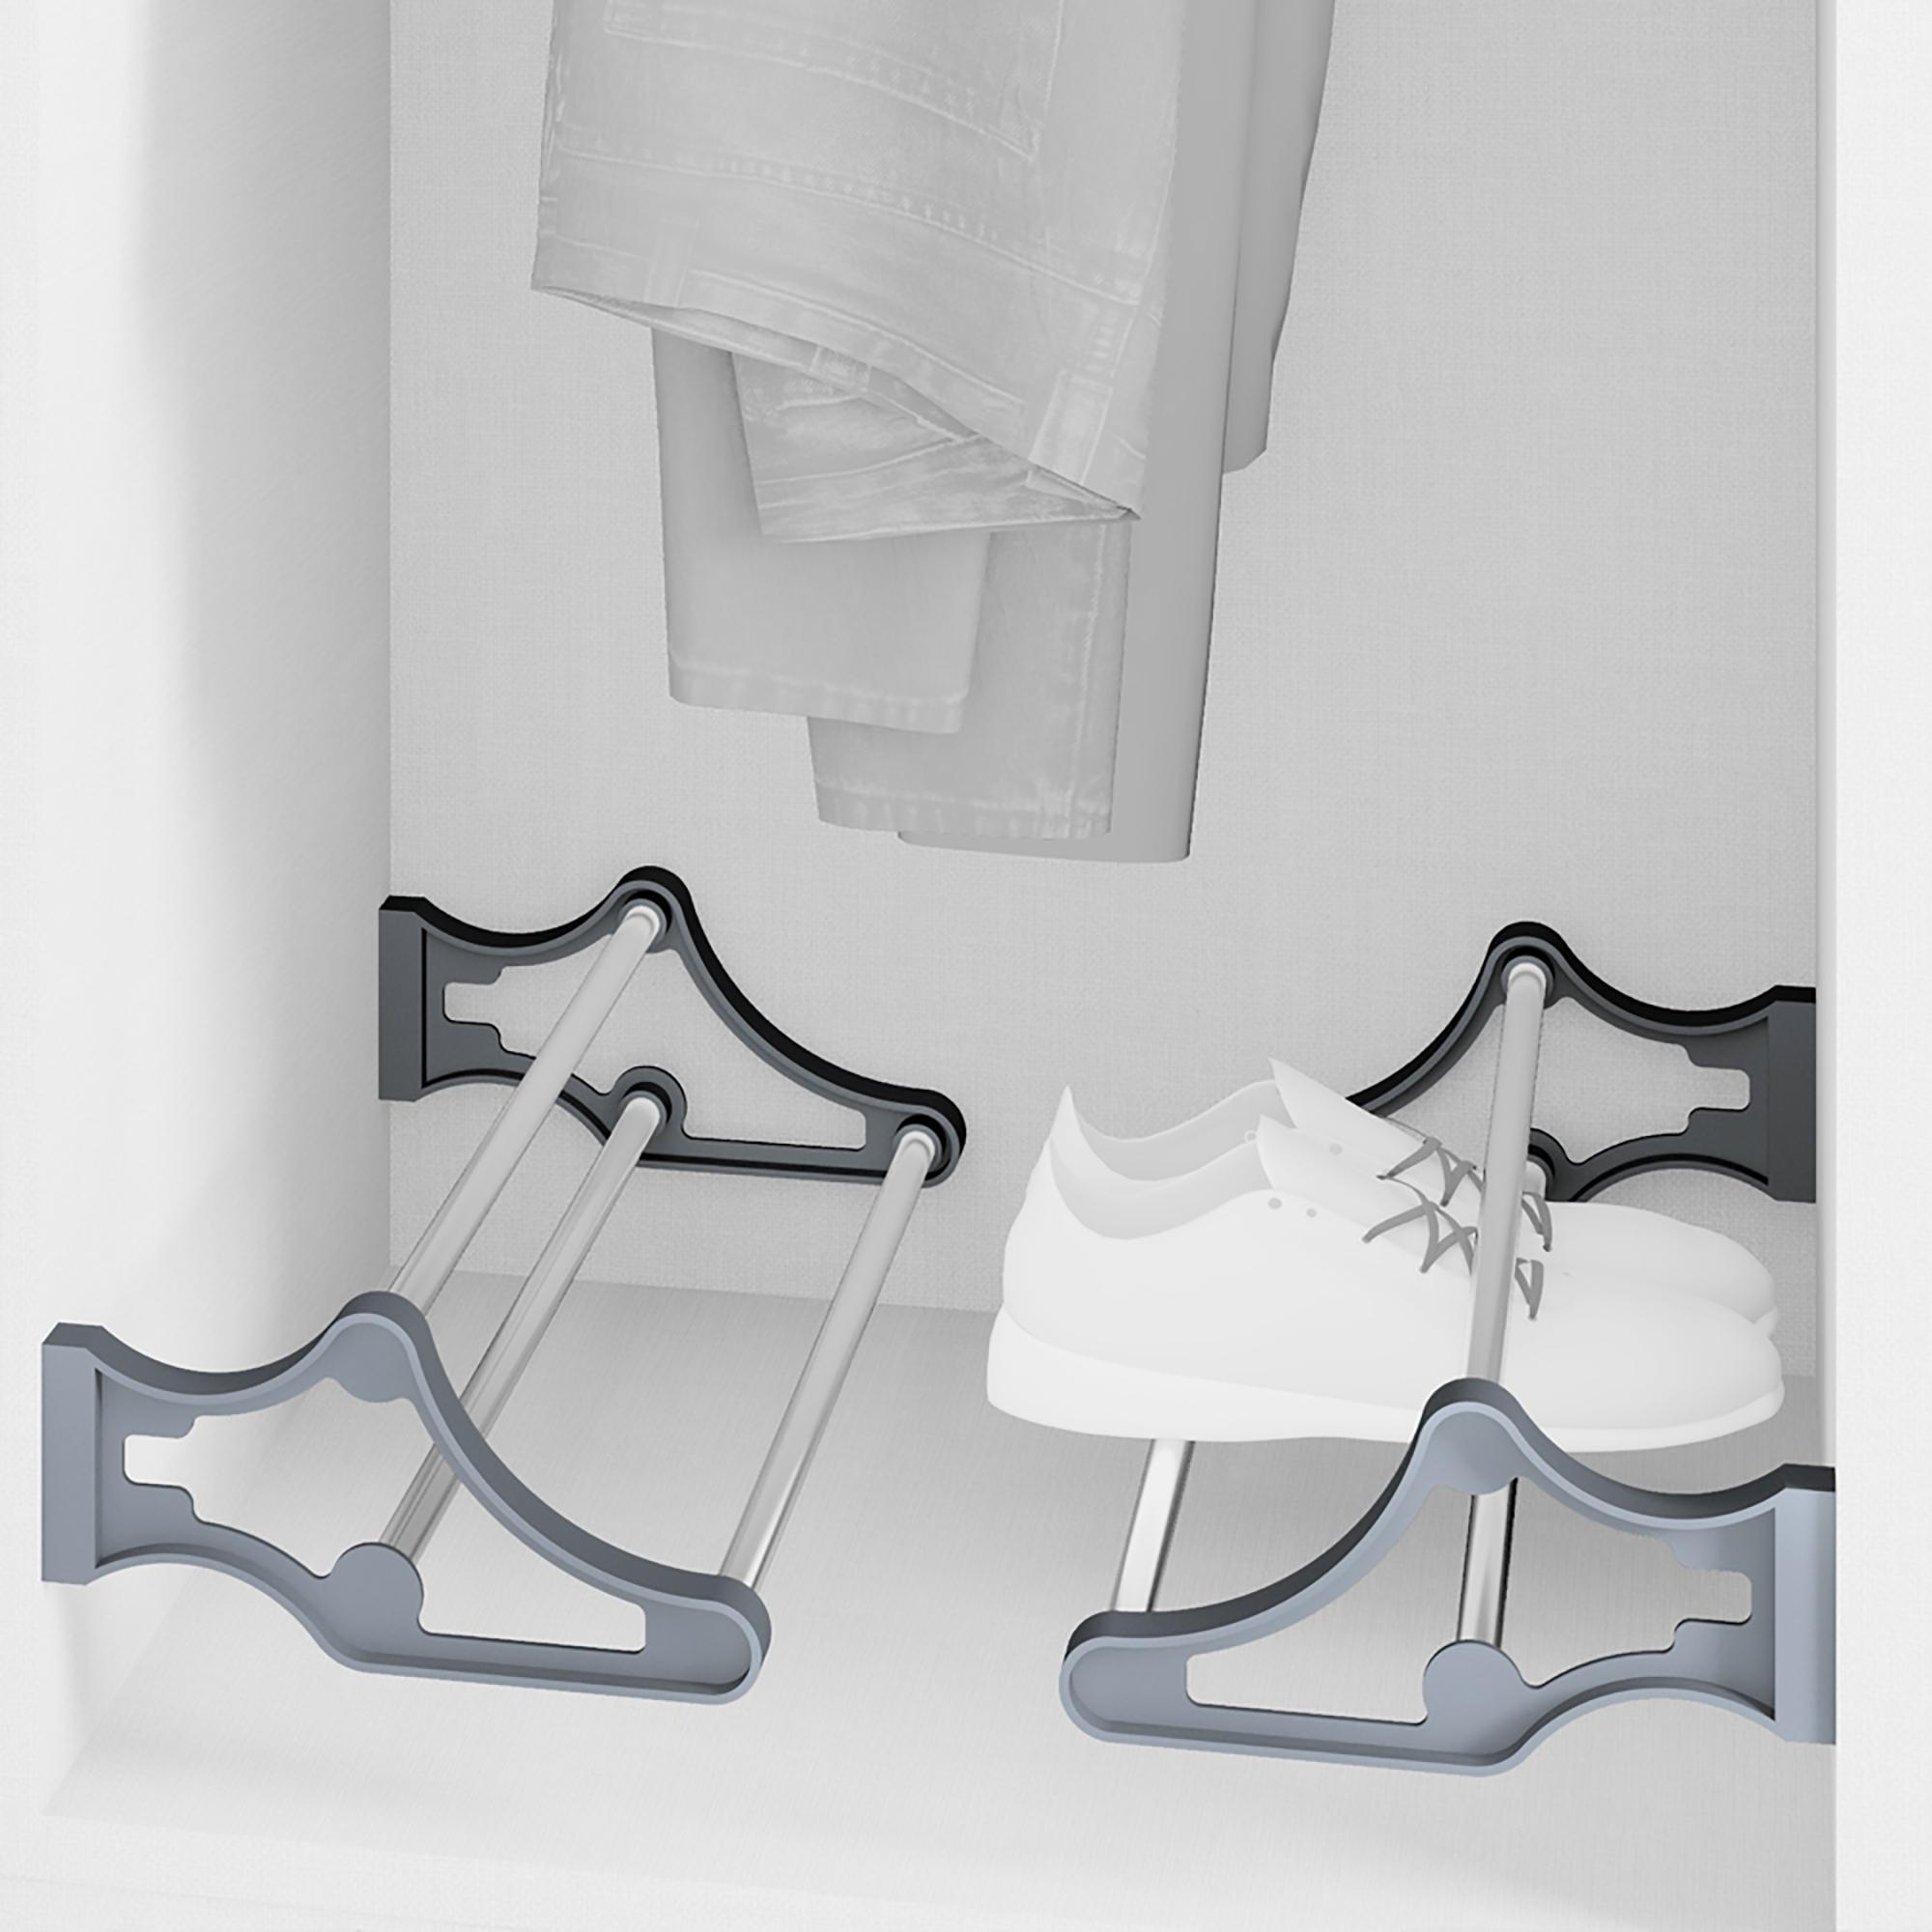 Armadi In Plastica Per Interni.Porta Scarpe Per L Interno Armadi Self Emuca